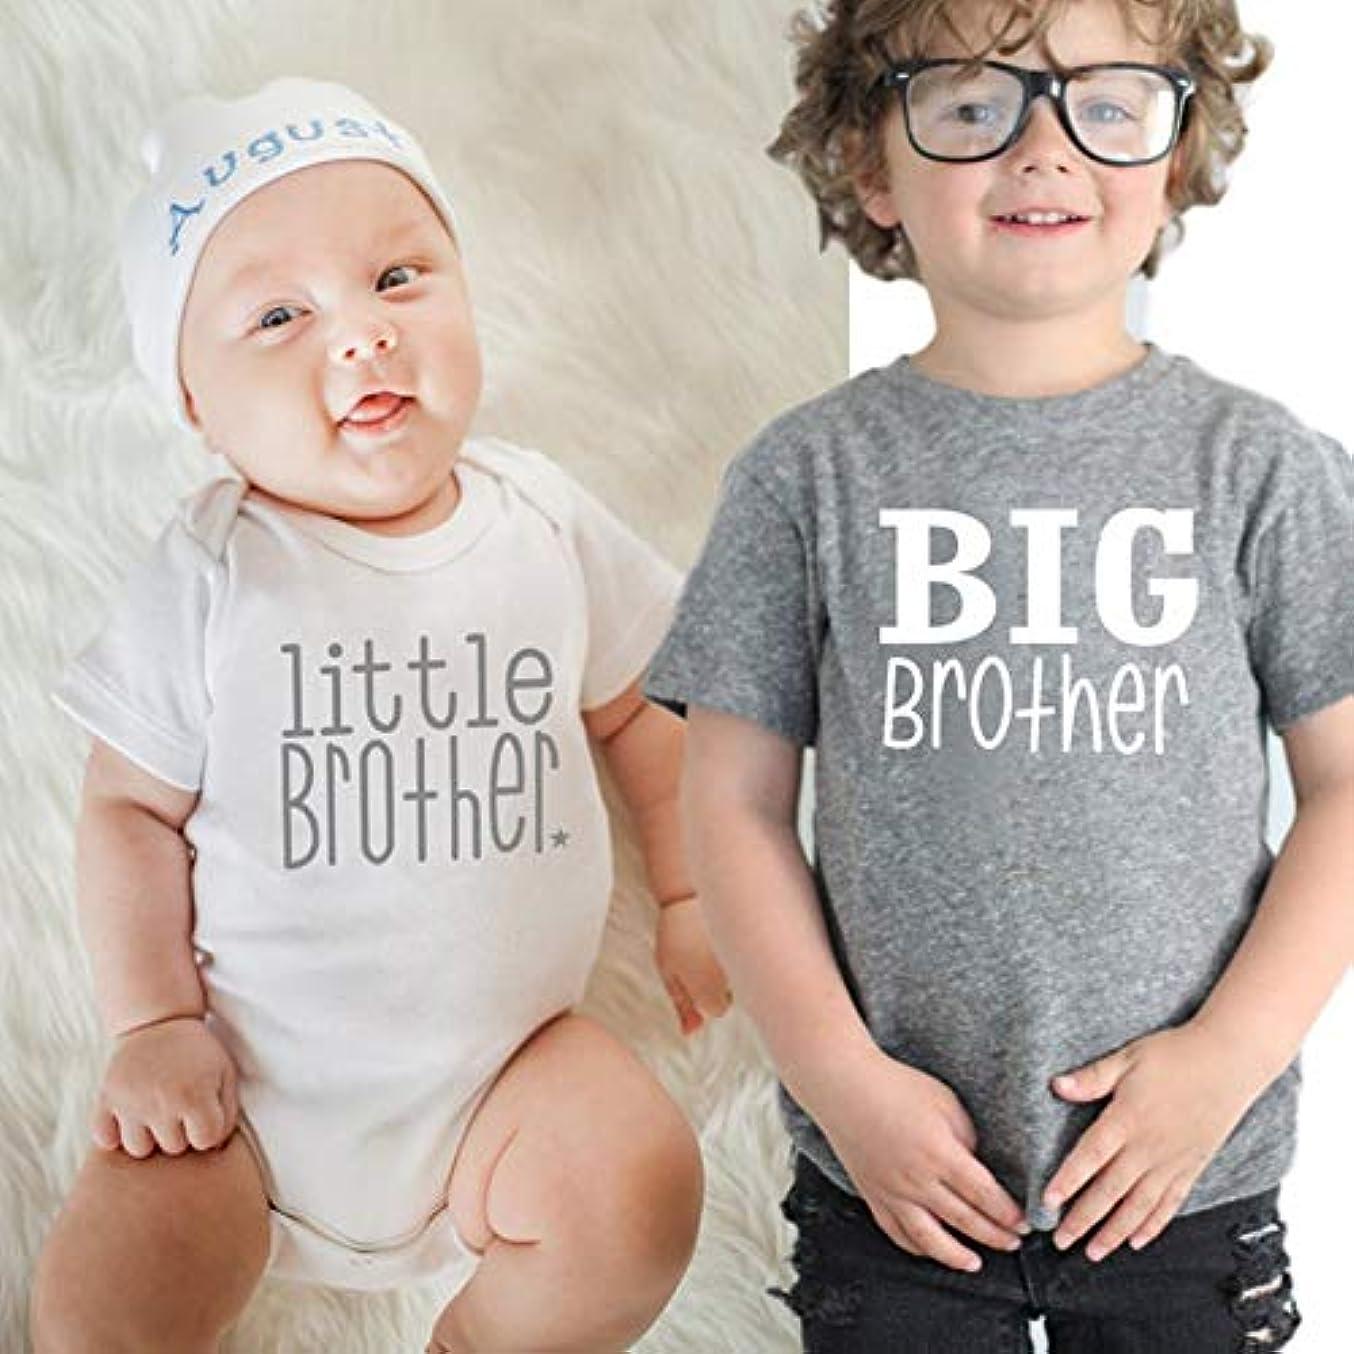 空白書く防止Bonni 夏の綿の男の子女の子Tシャツソリッドビッグブラザーレタープリントトップス半袖幼児プルオーバーTシャツトップス服